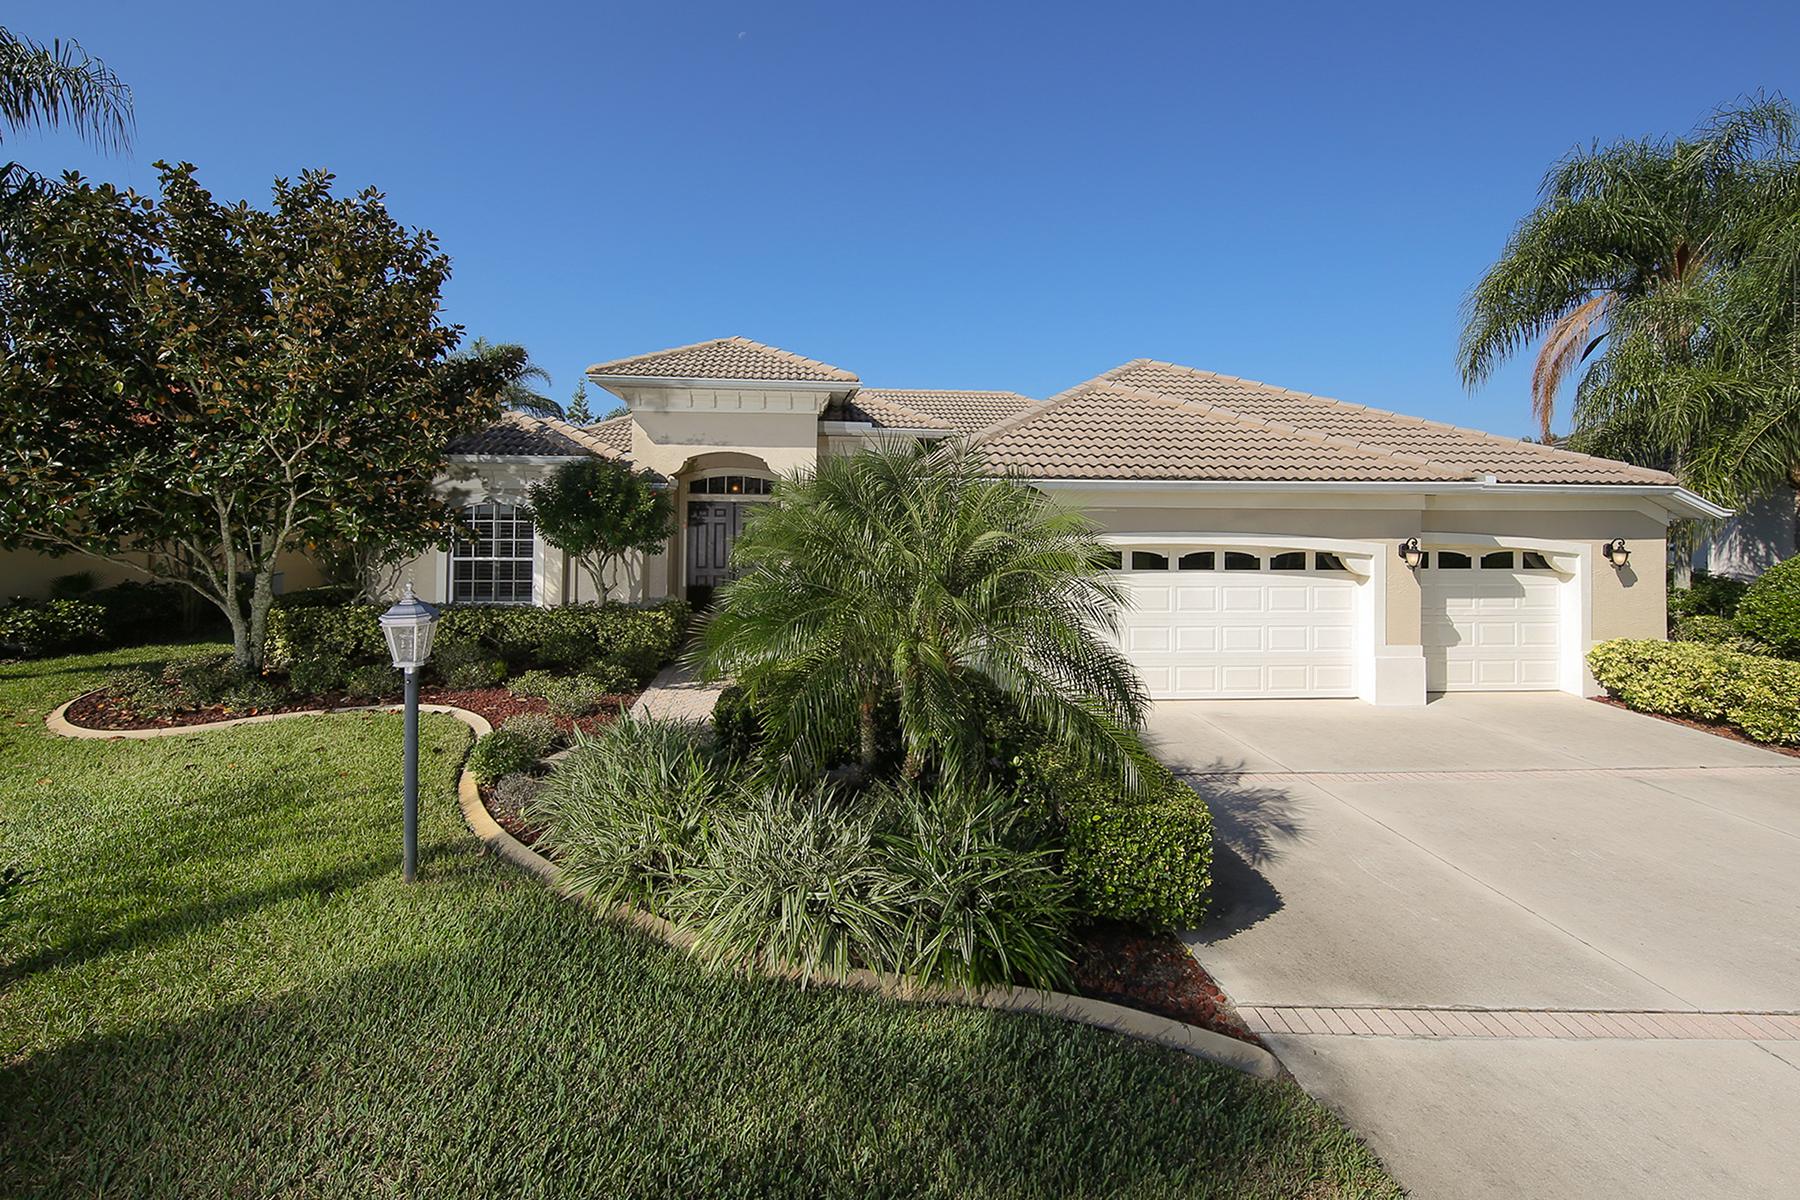 独户住宅 为 销售 在 LAKEWOOD RANCH COUNTRY CLUB 7019 Twin Hills Terr 莱克伍德牧场, 佛罗里达州 34202 美国